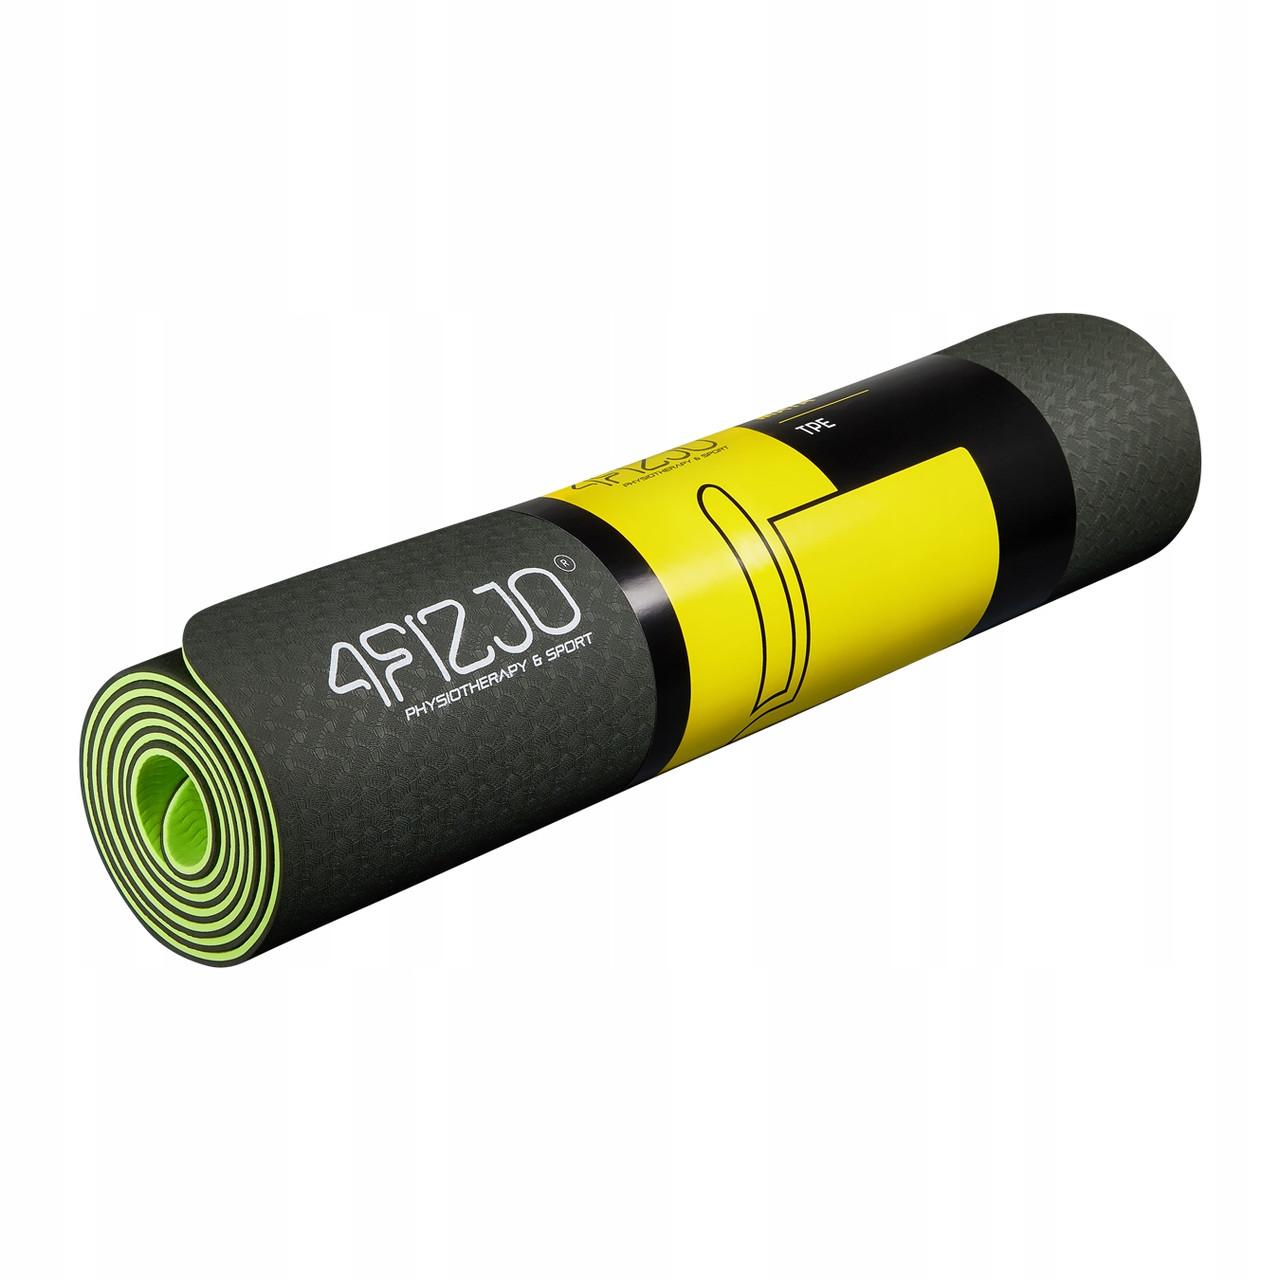 Килимок (мат) для йоги та фітнесу 4FIZJO TPE 6 мм 4FJ0032 Black/Green